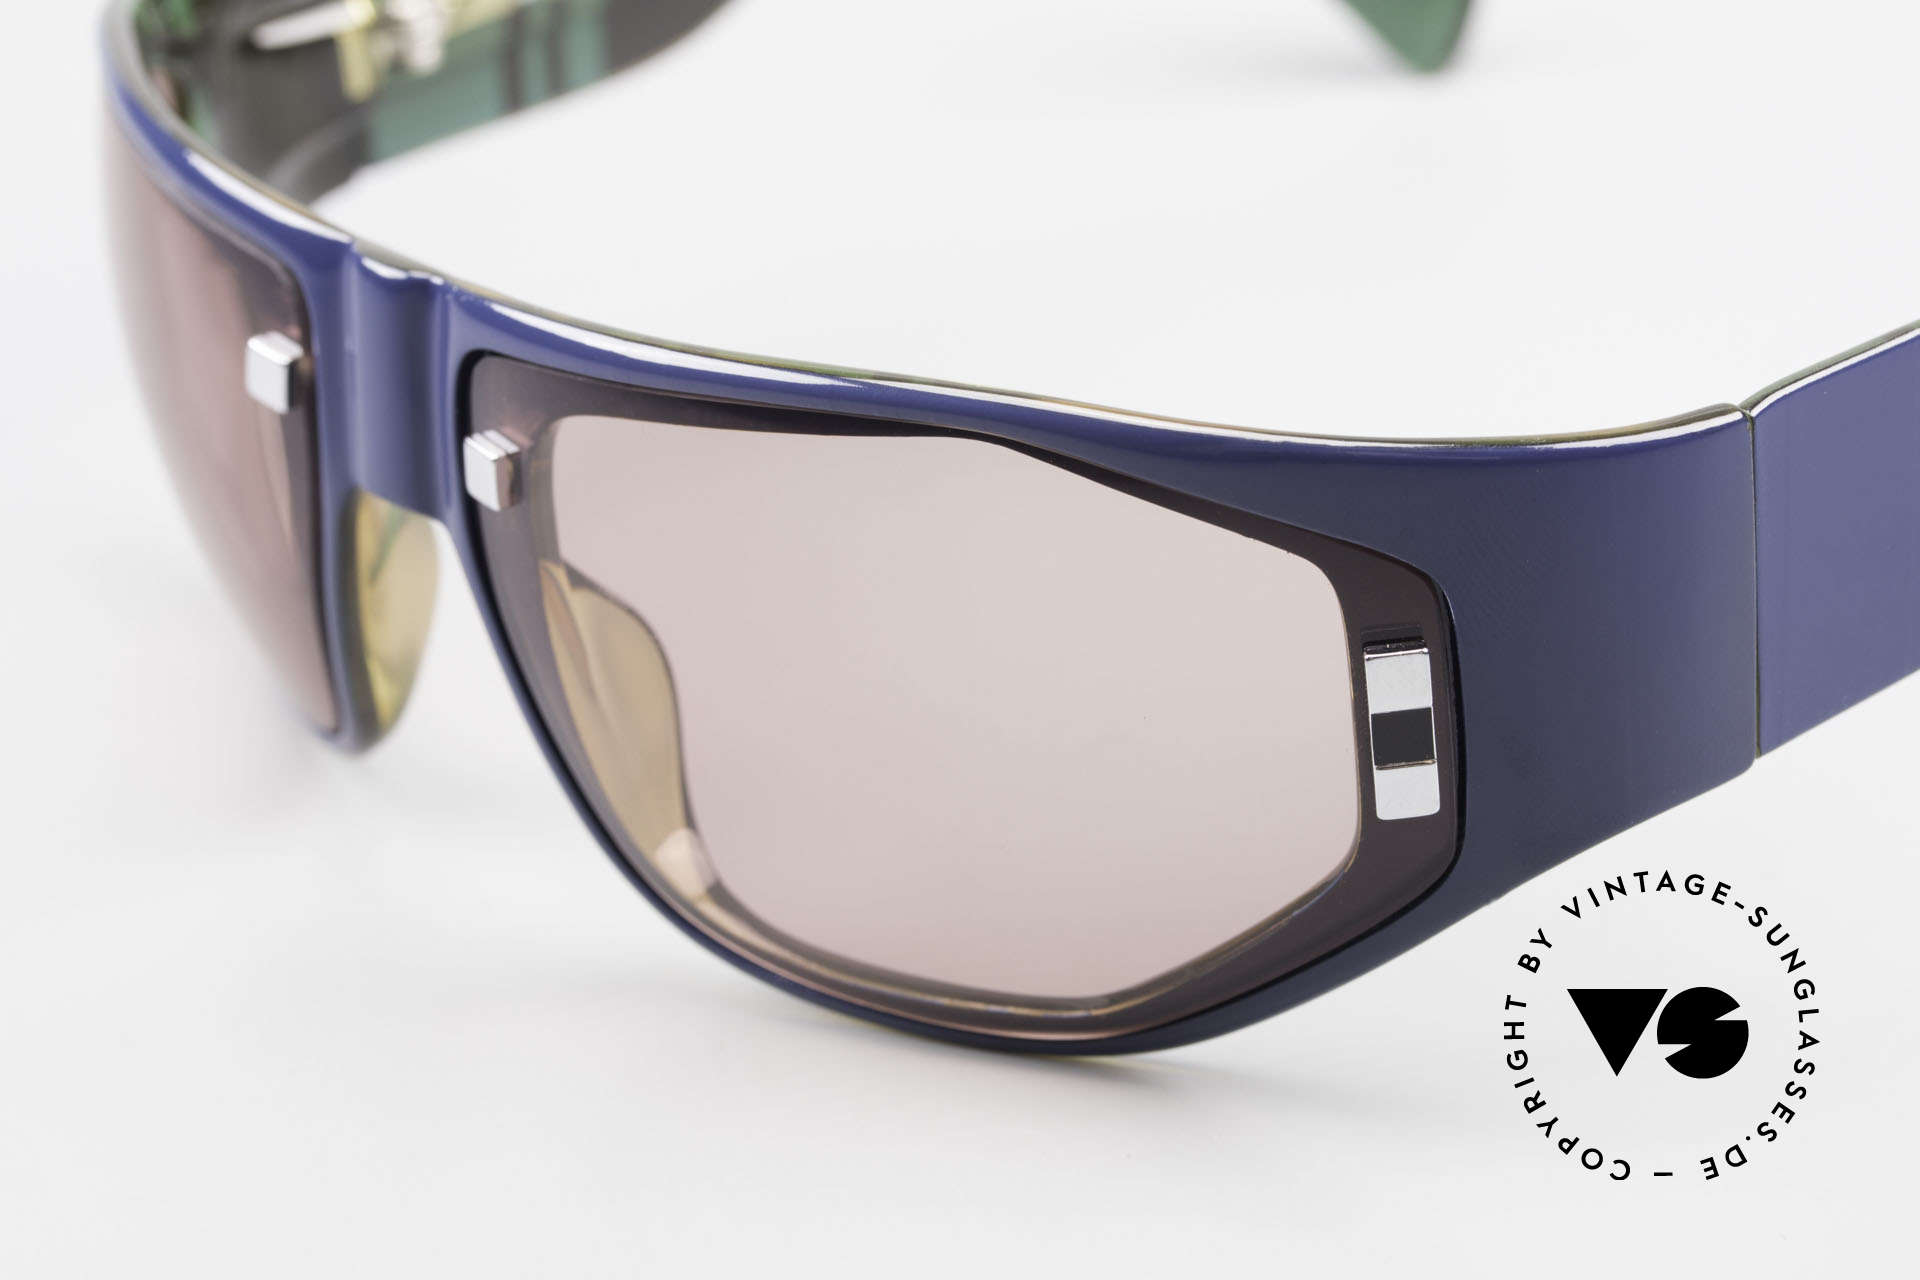 Paloma Picasso 3701 Wrap Around Sonnenbrille 90er, von 1990, doch das Optyl-Material glänzt wie neu, Passend für Damen